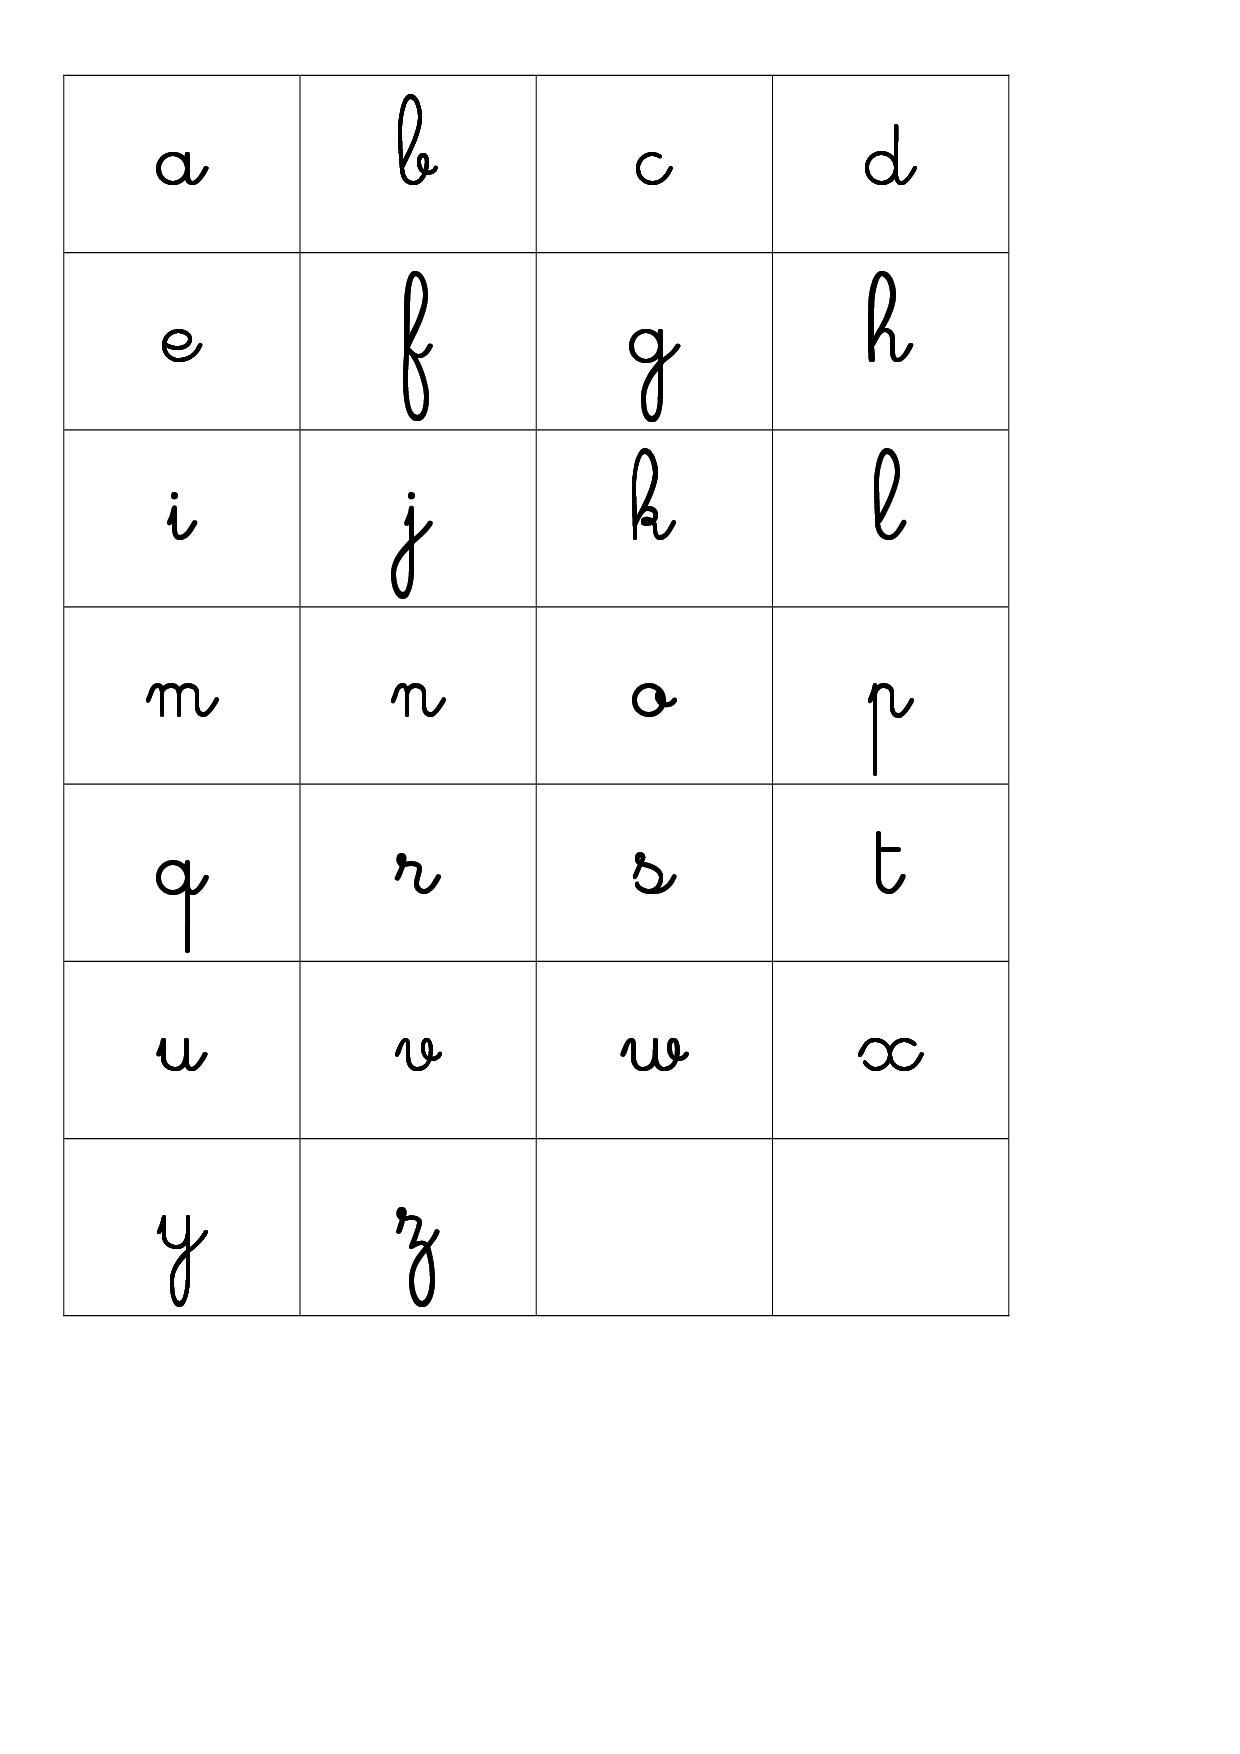 Apprendre Les Lettres De L'alphabet Avec Leap Frog - La encequiconcerne Apprendre Les Lettres De L Alphabet